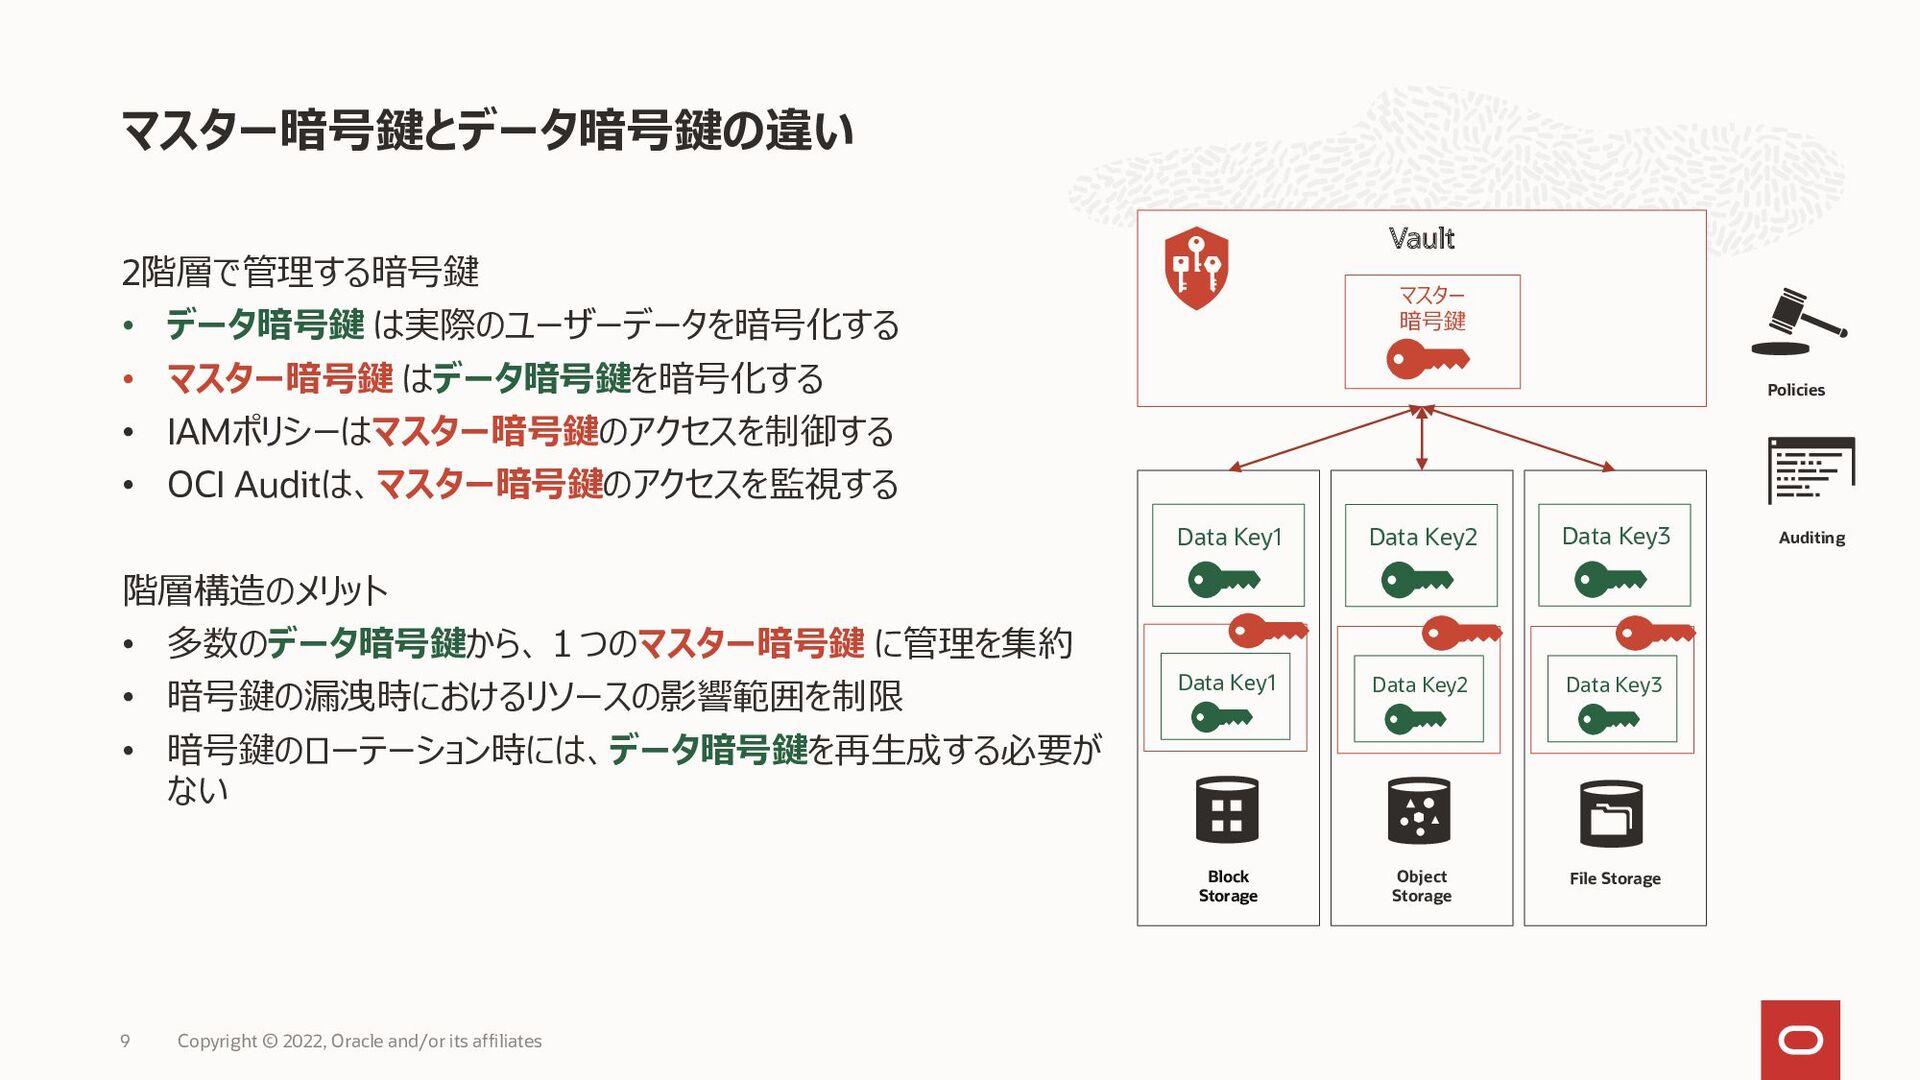 暗号化の種類 サポートする暗号アルゴリズム (2021年2月時点) ・共通鍵暗号: AES 1...